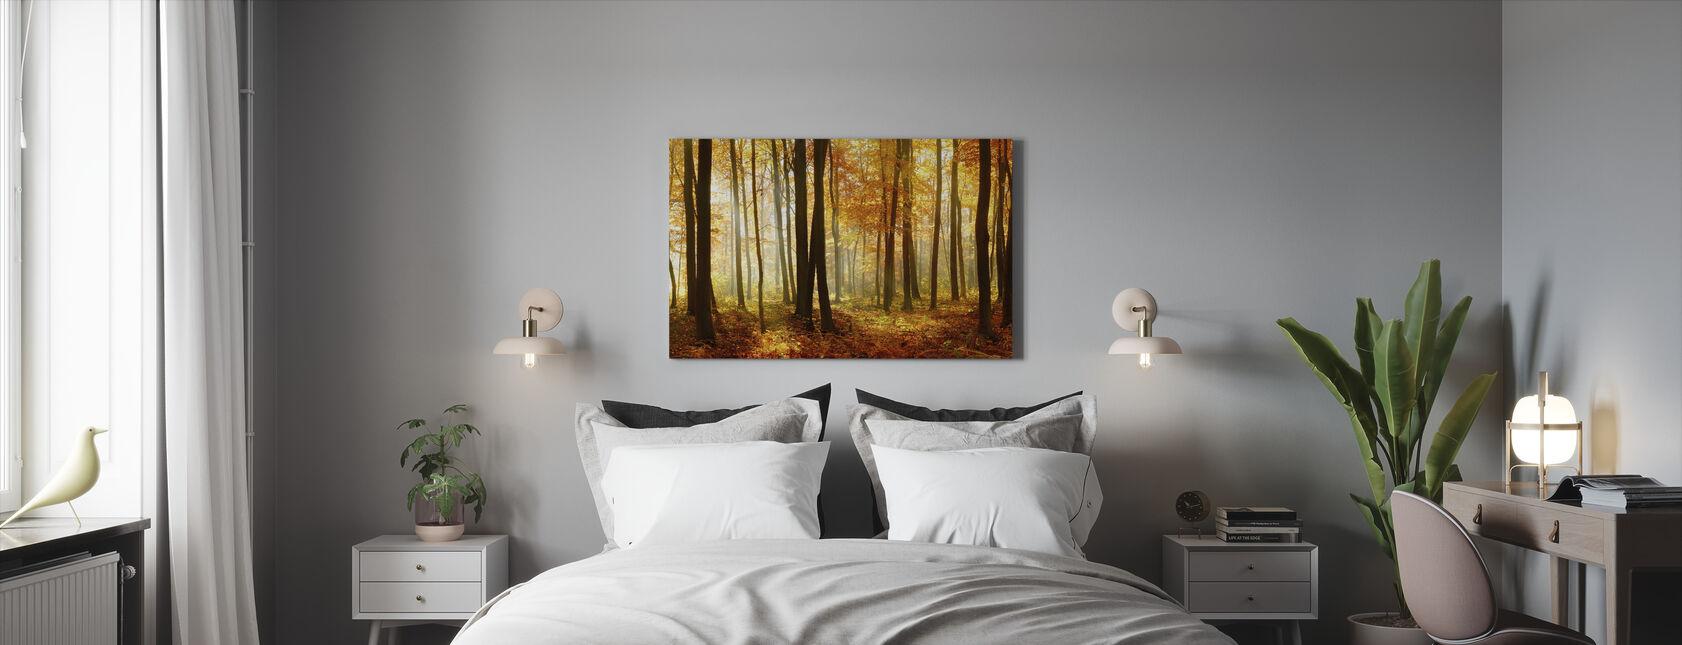 Japansk skov - Billede på lærred - Soveværelse